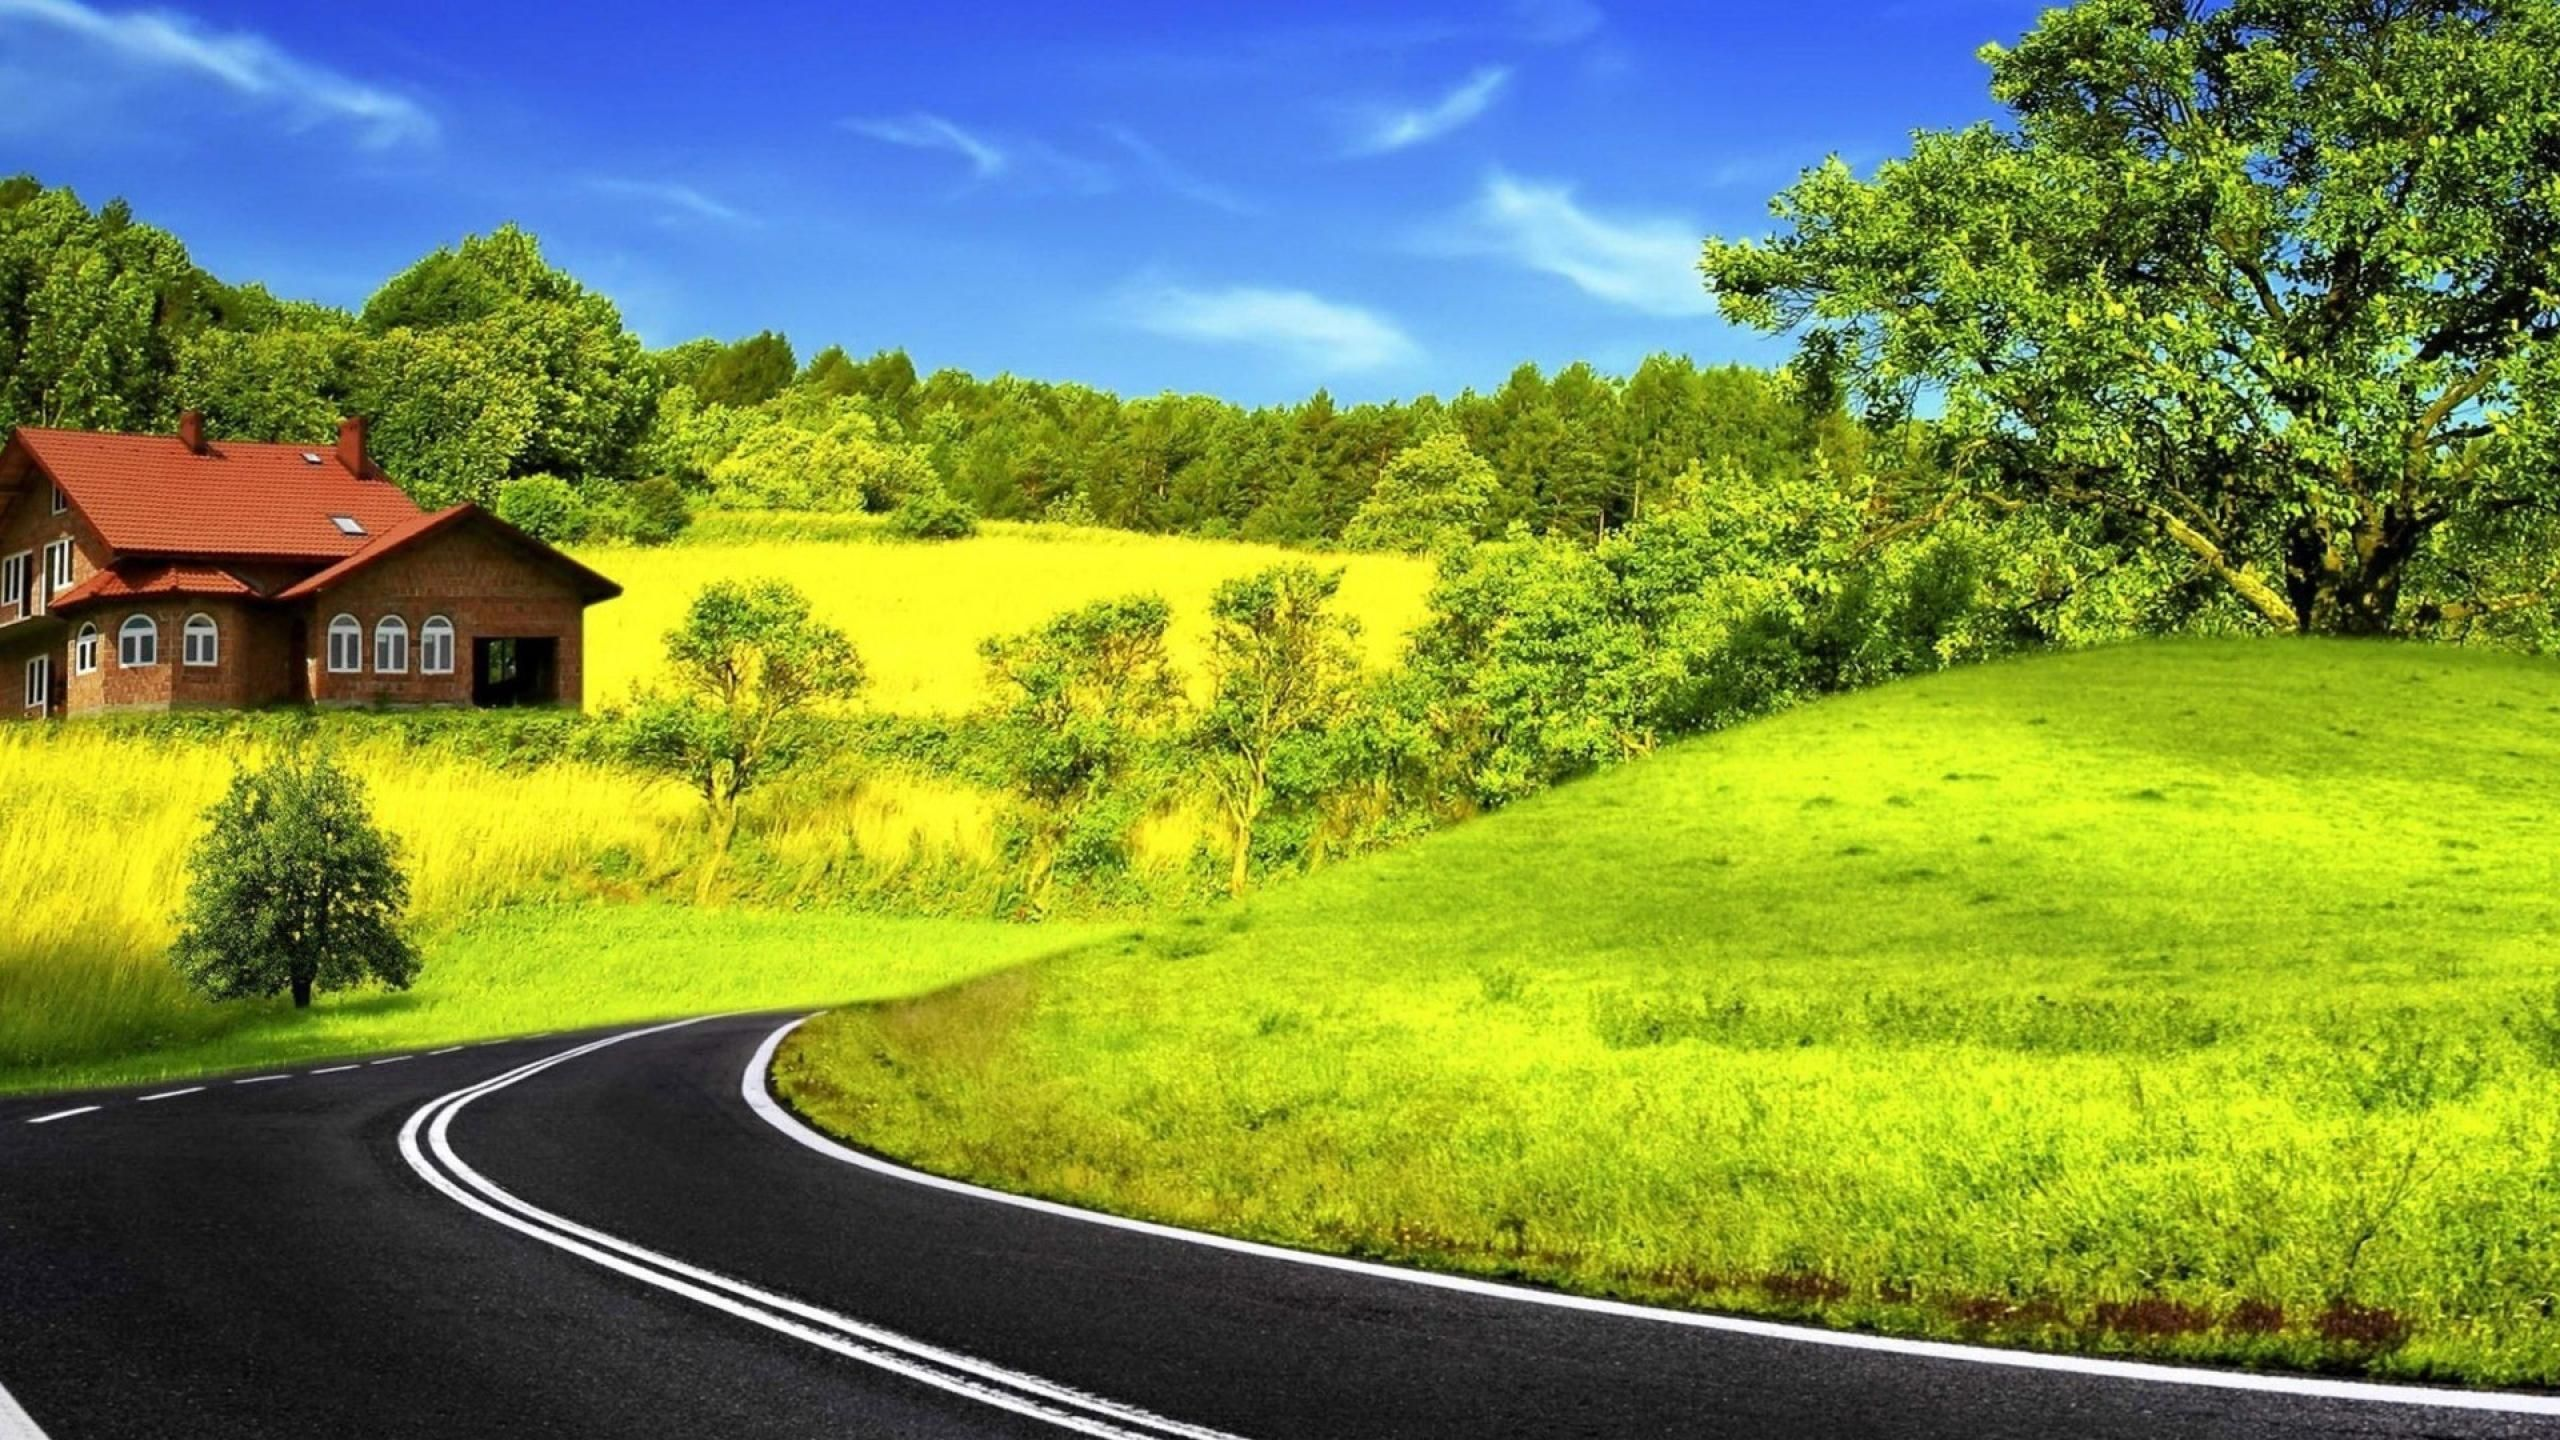 Nature Long Road Wallpaper